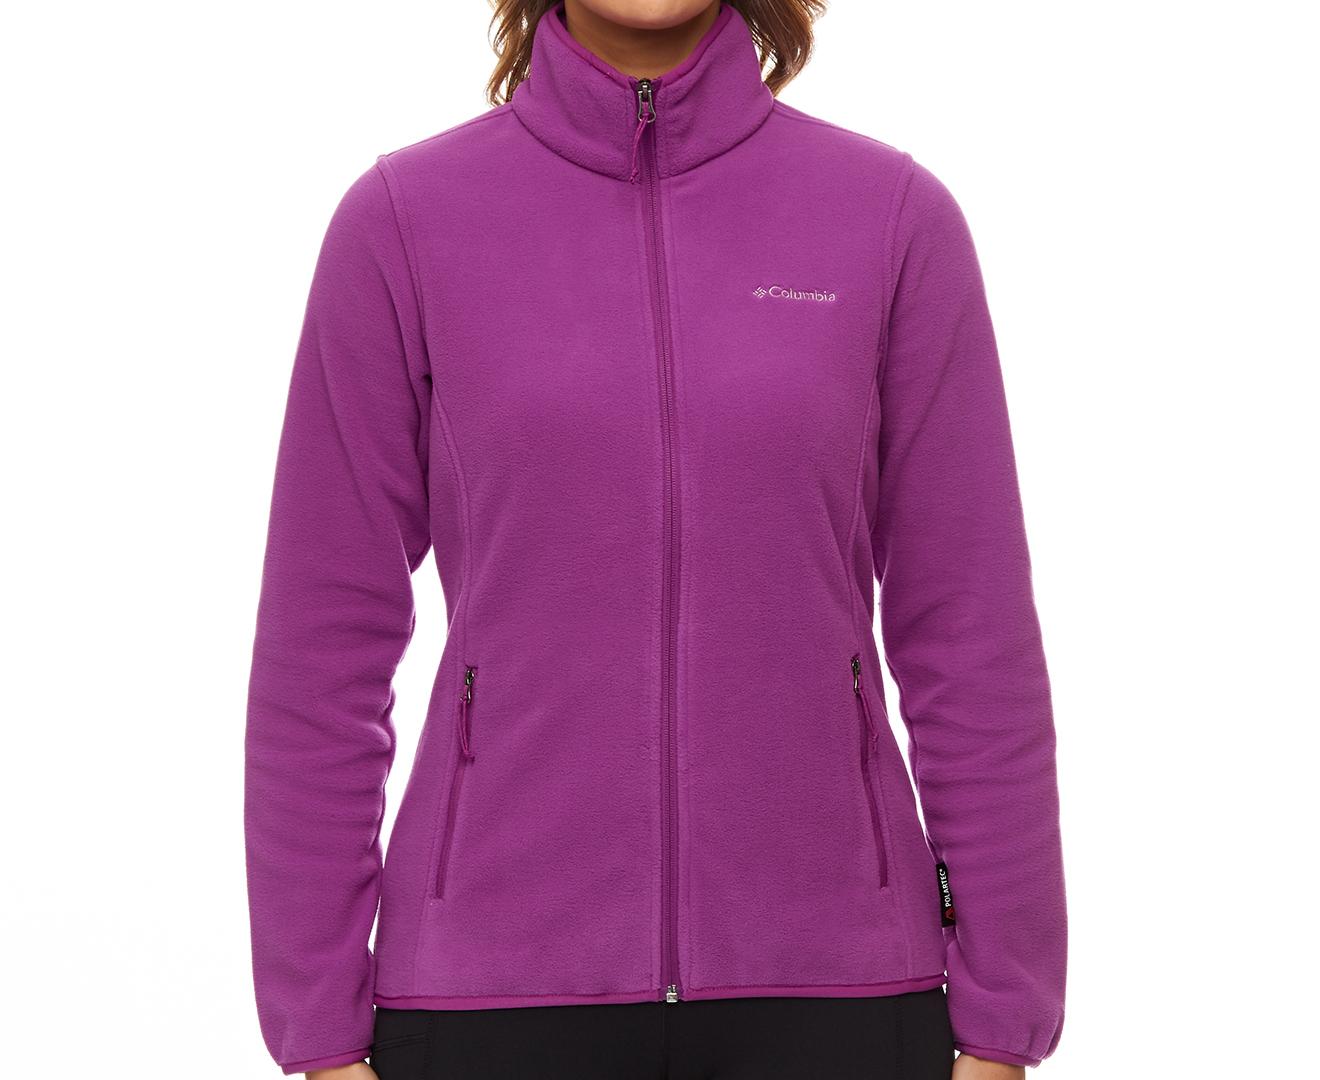 81d611c346260 Columbia Women s Fuller Ridge Fleece Jacket - Intense Violet